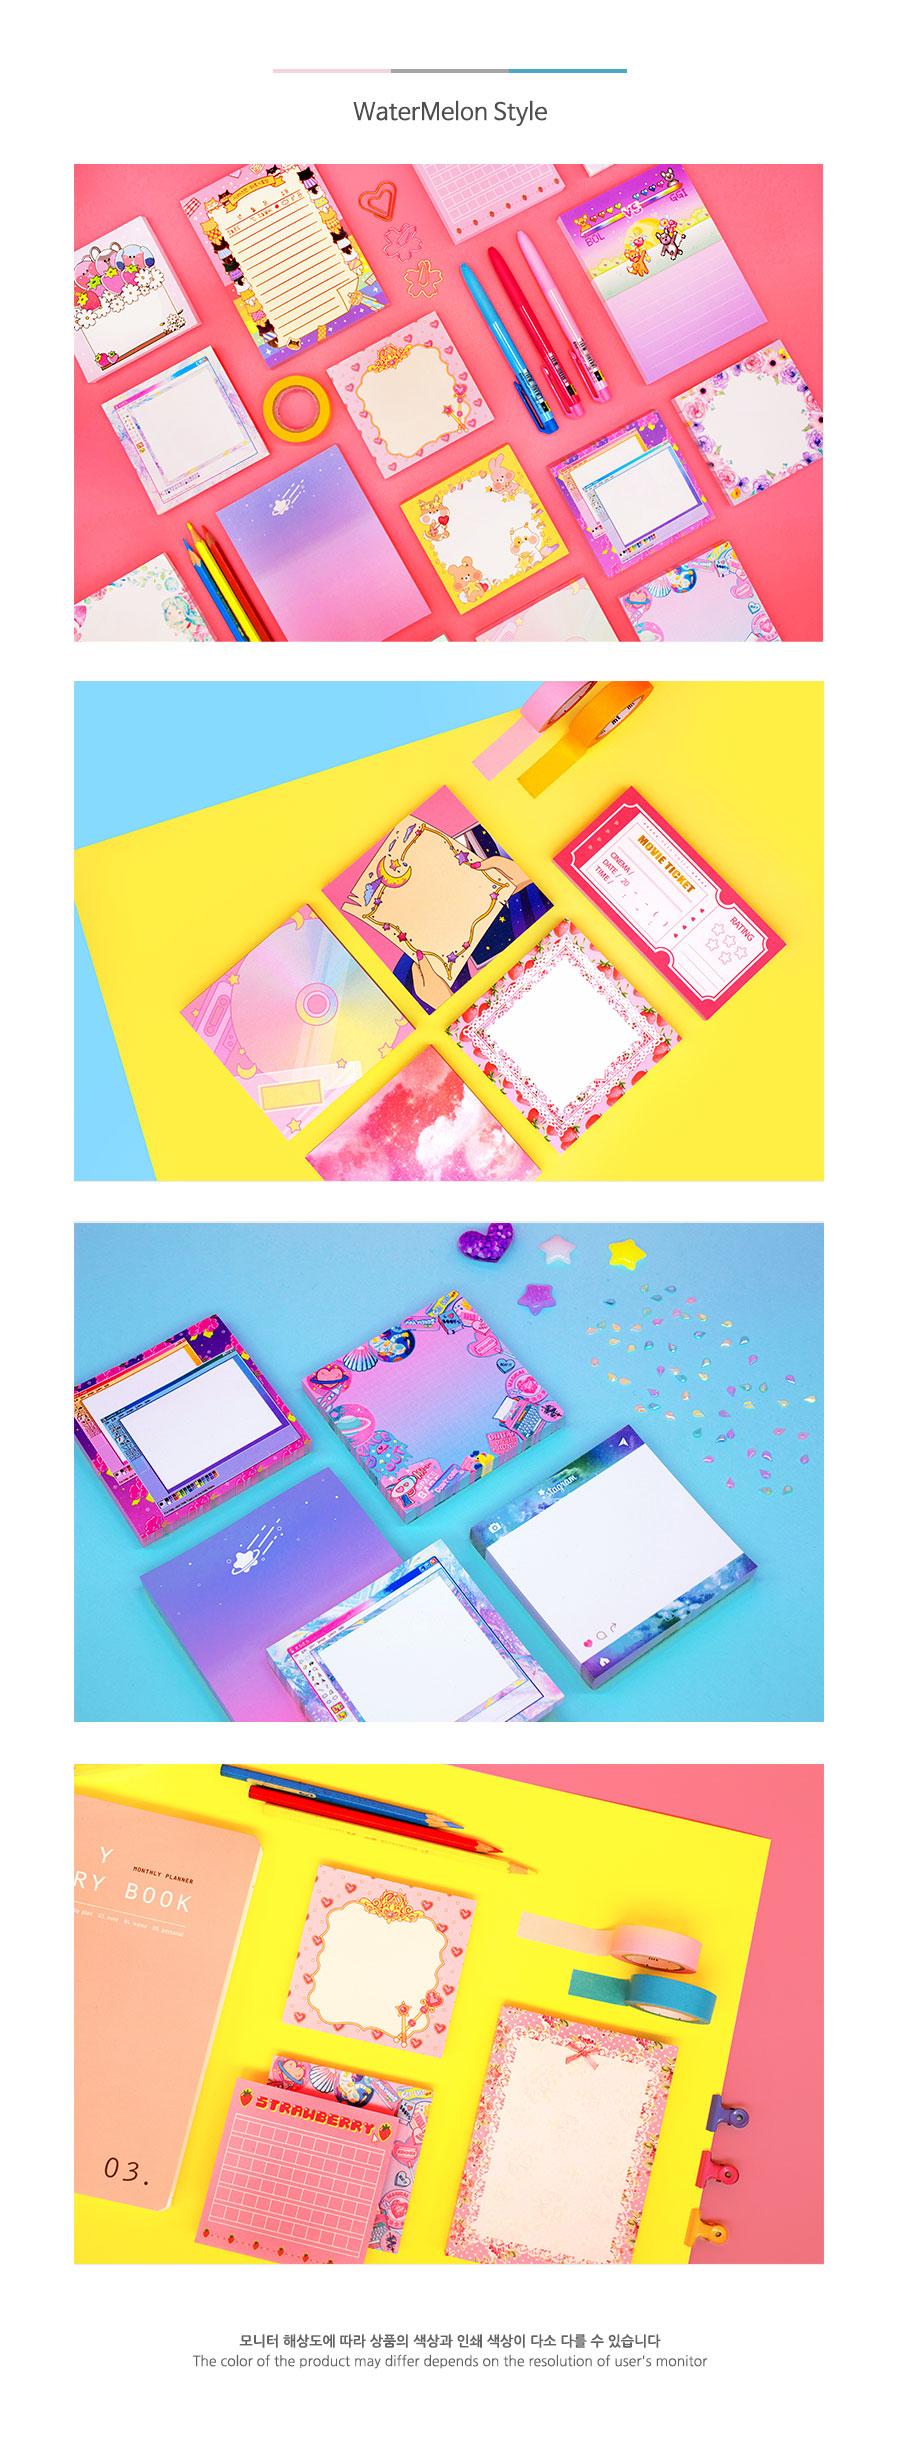 딸기픽셀원고메모지 C3 귀여운메모지 - 워터멜론, 2,800원, 메모/점착메모, 메모지